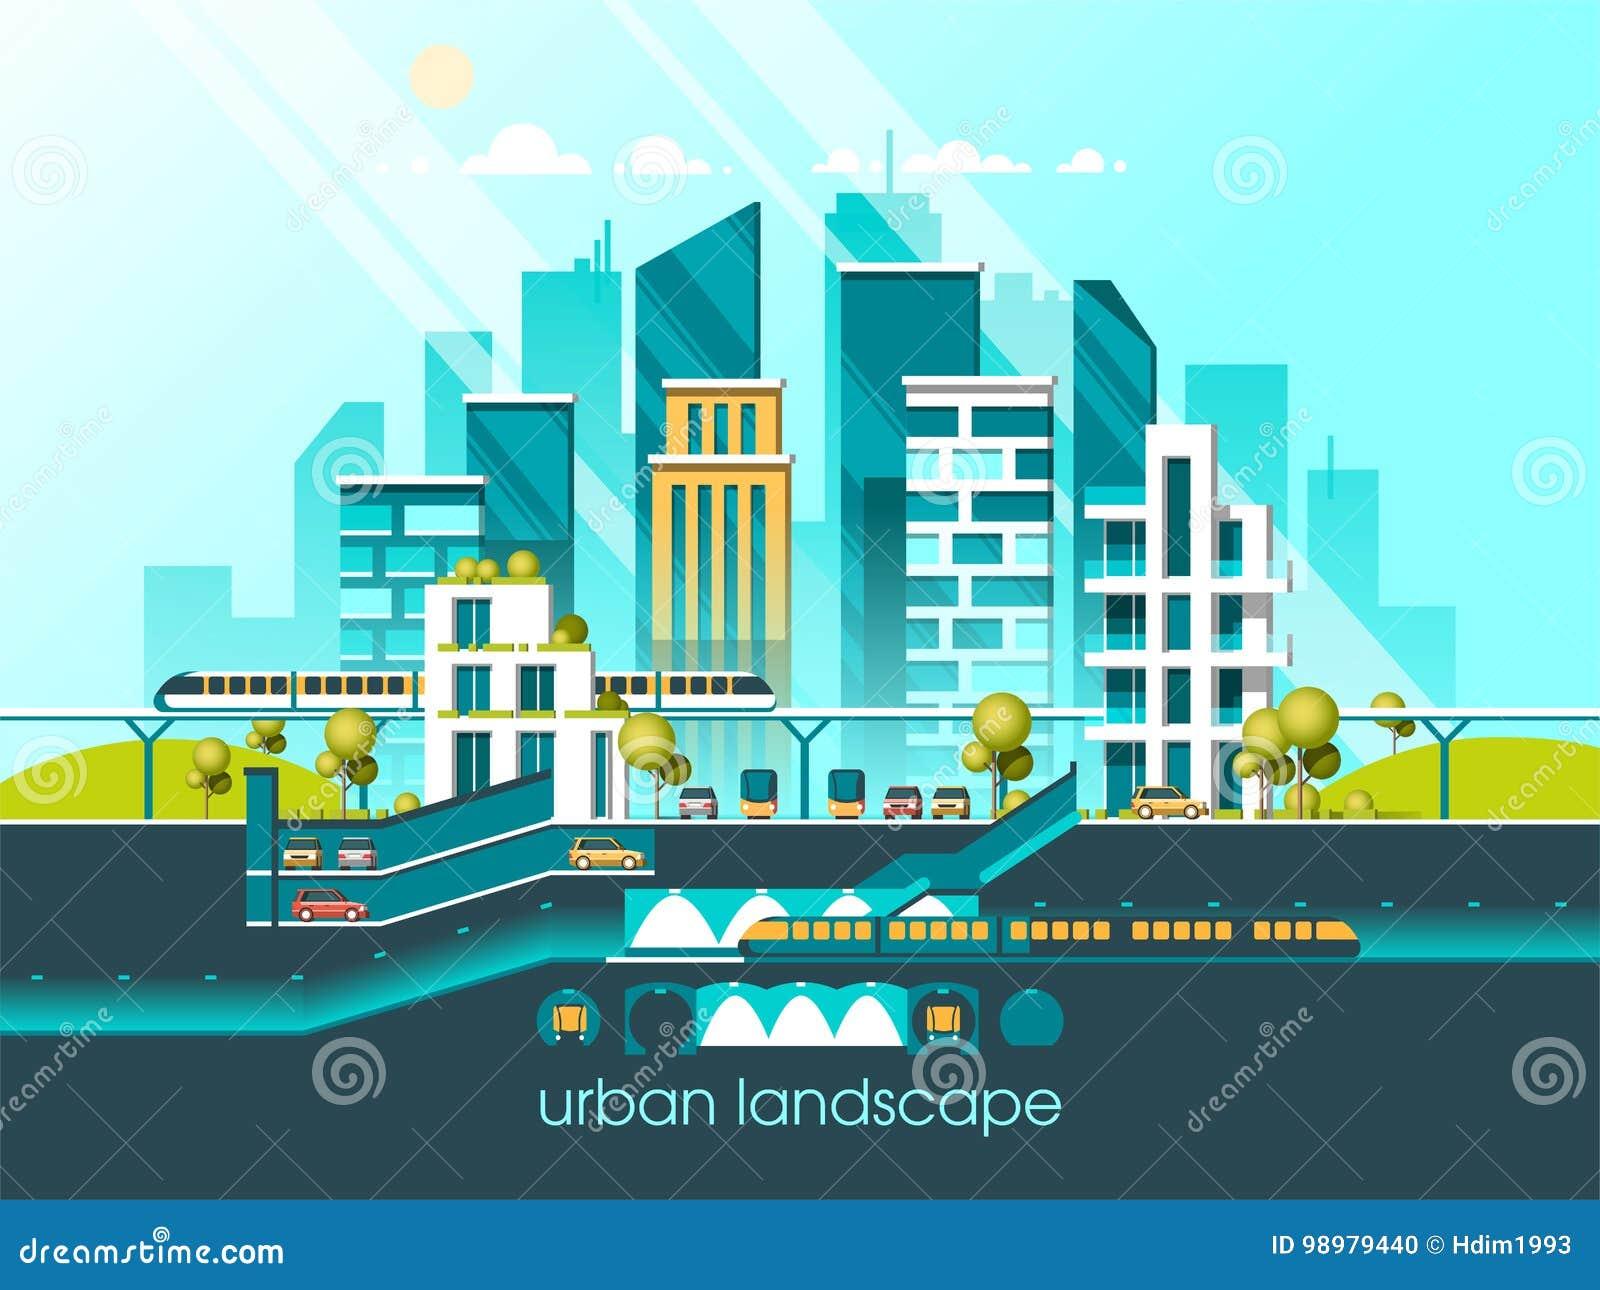 Grune Freundliche Stadt Der Energie Und Des Eco Moderne Architektur